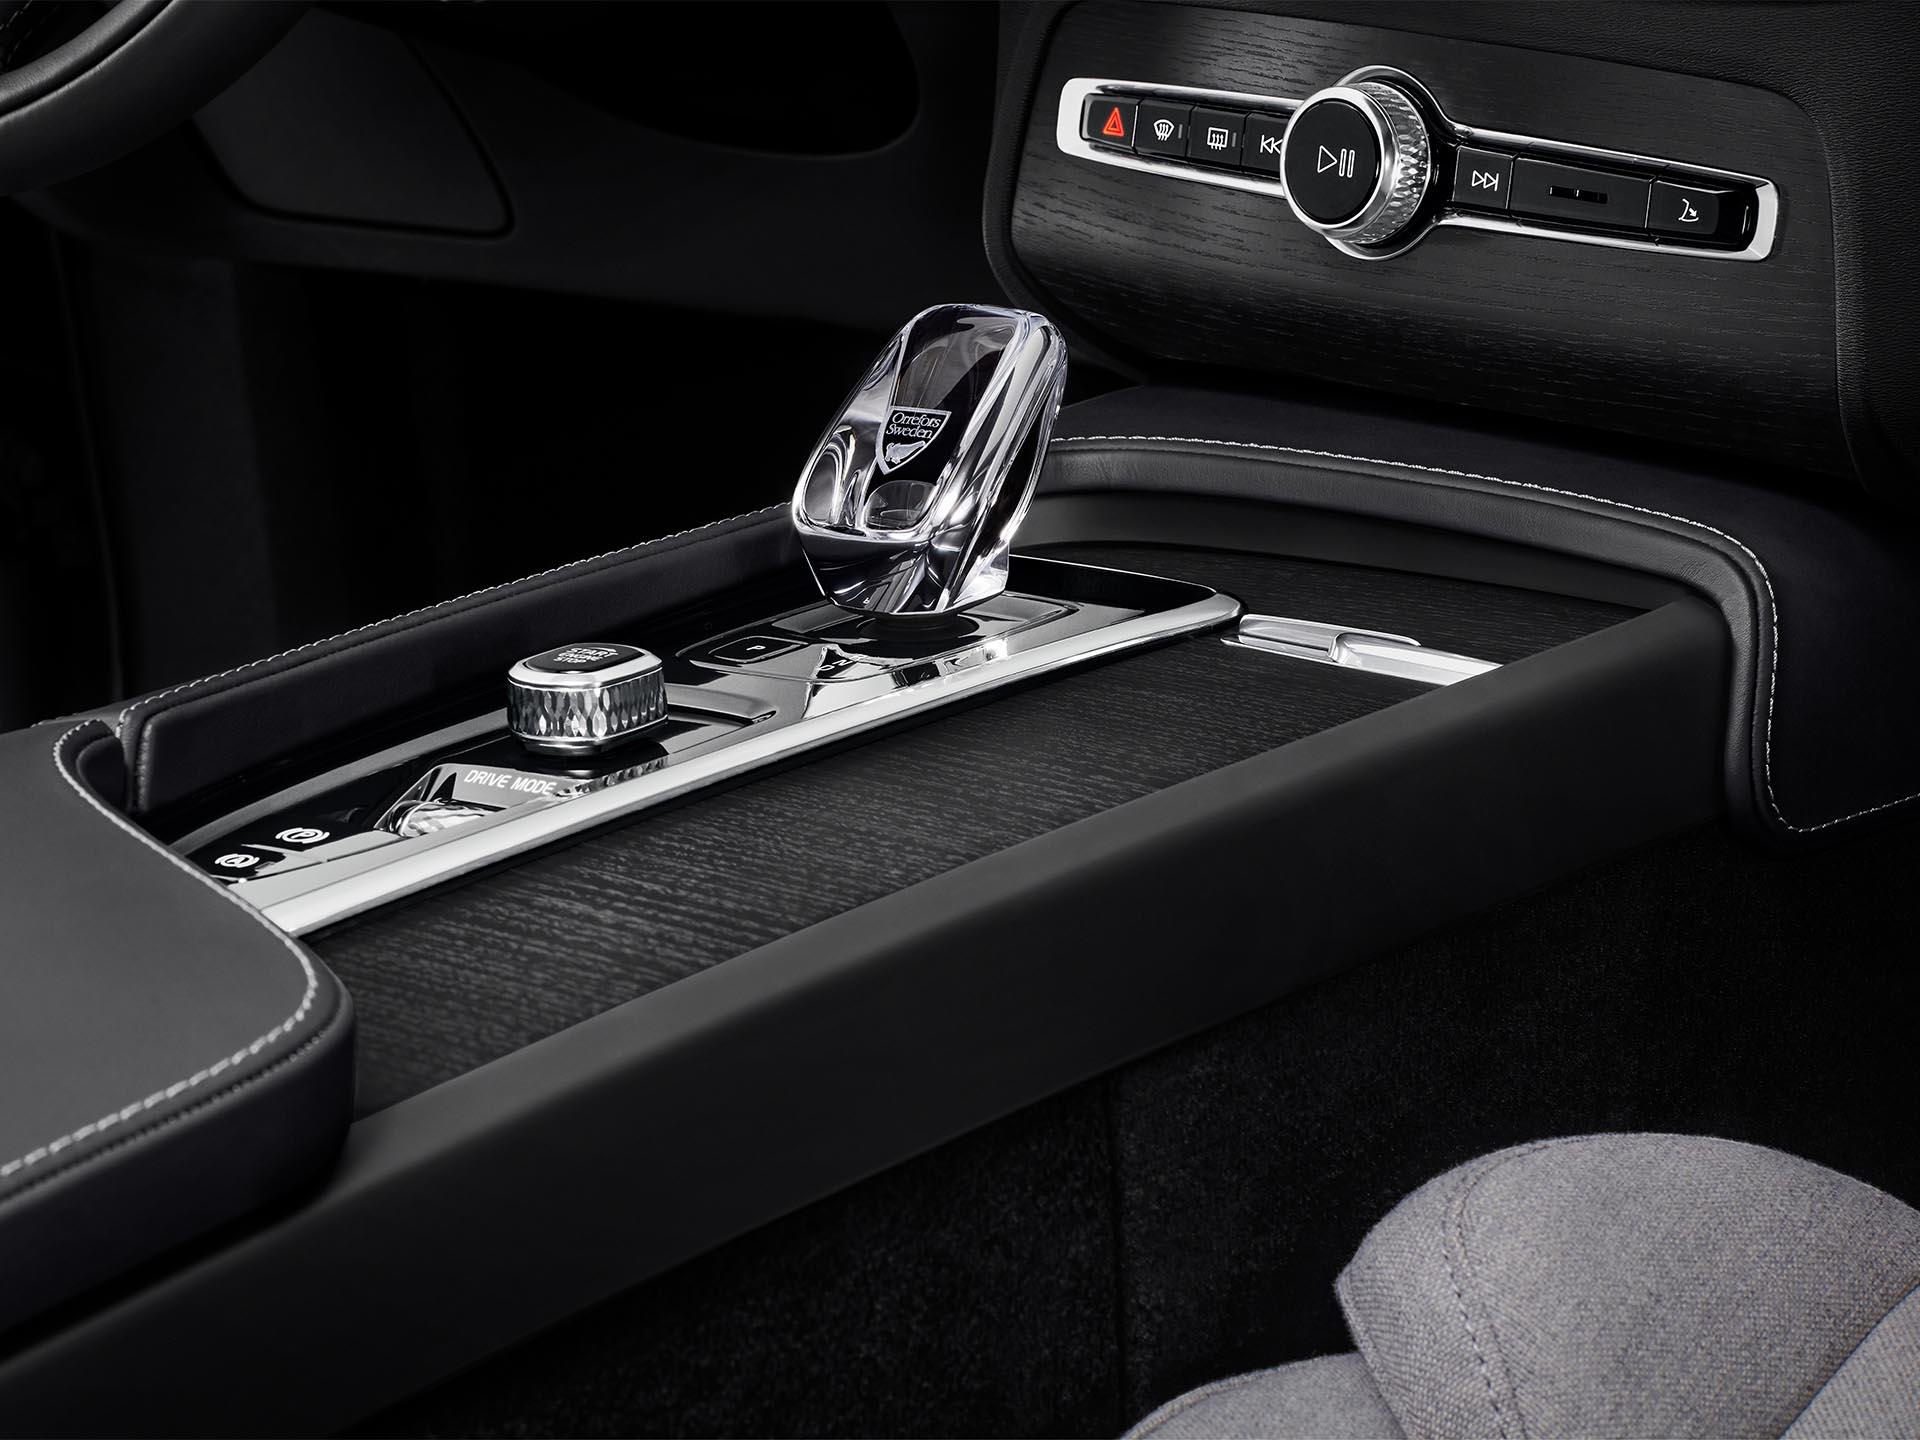 En el interior de un Volvo SUV, una palanca de cambios de cristal